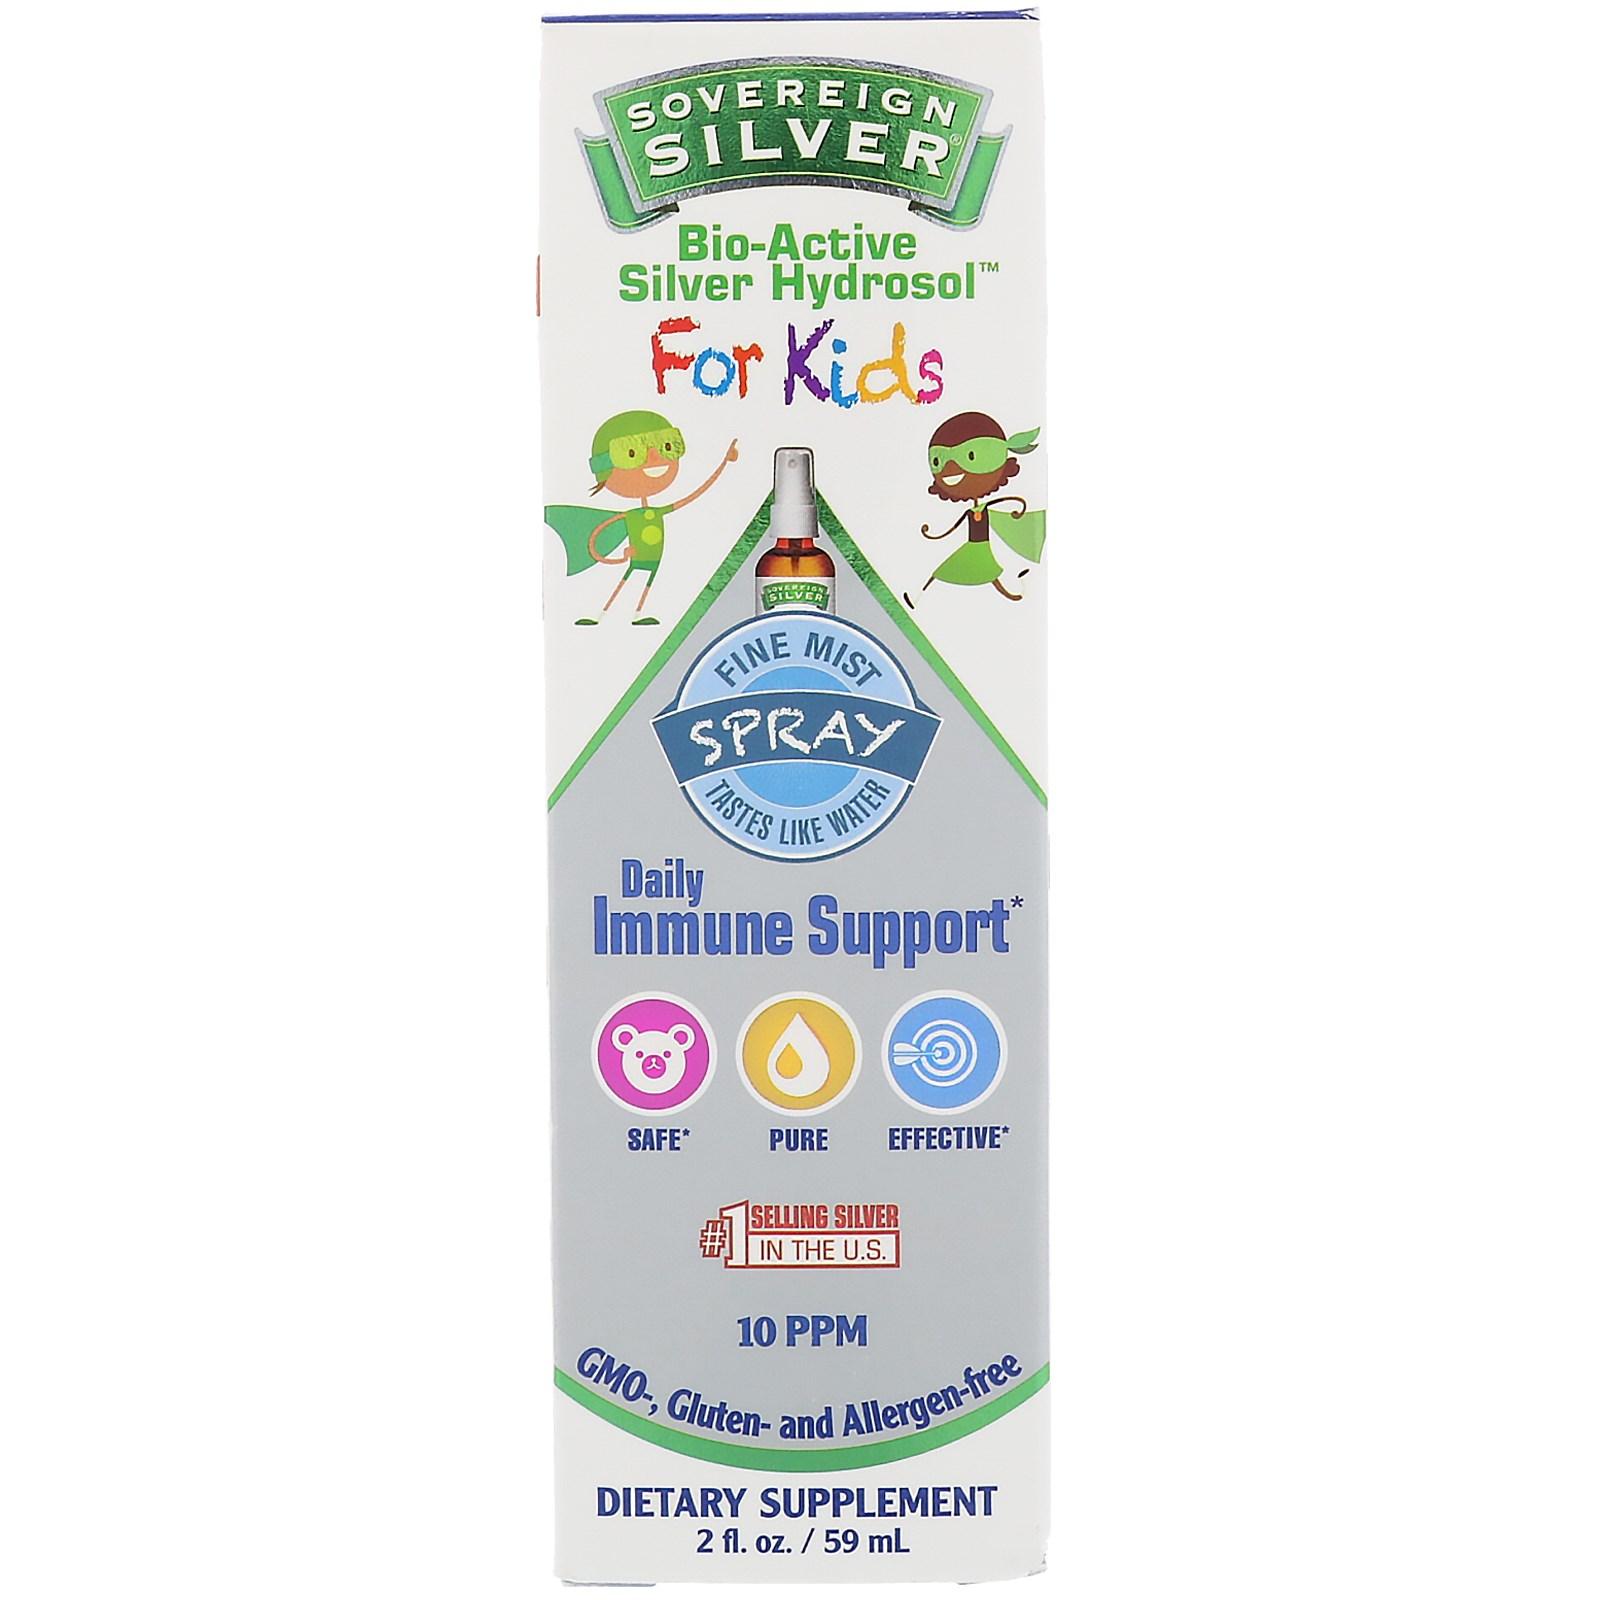 Sovereign Silver, Биоактивный серебряный гидрозоль для детей, спрей для ежедневной поддержки иммунитета, 2 унции (59 мл)